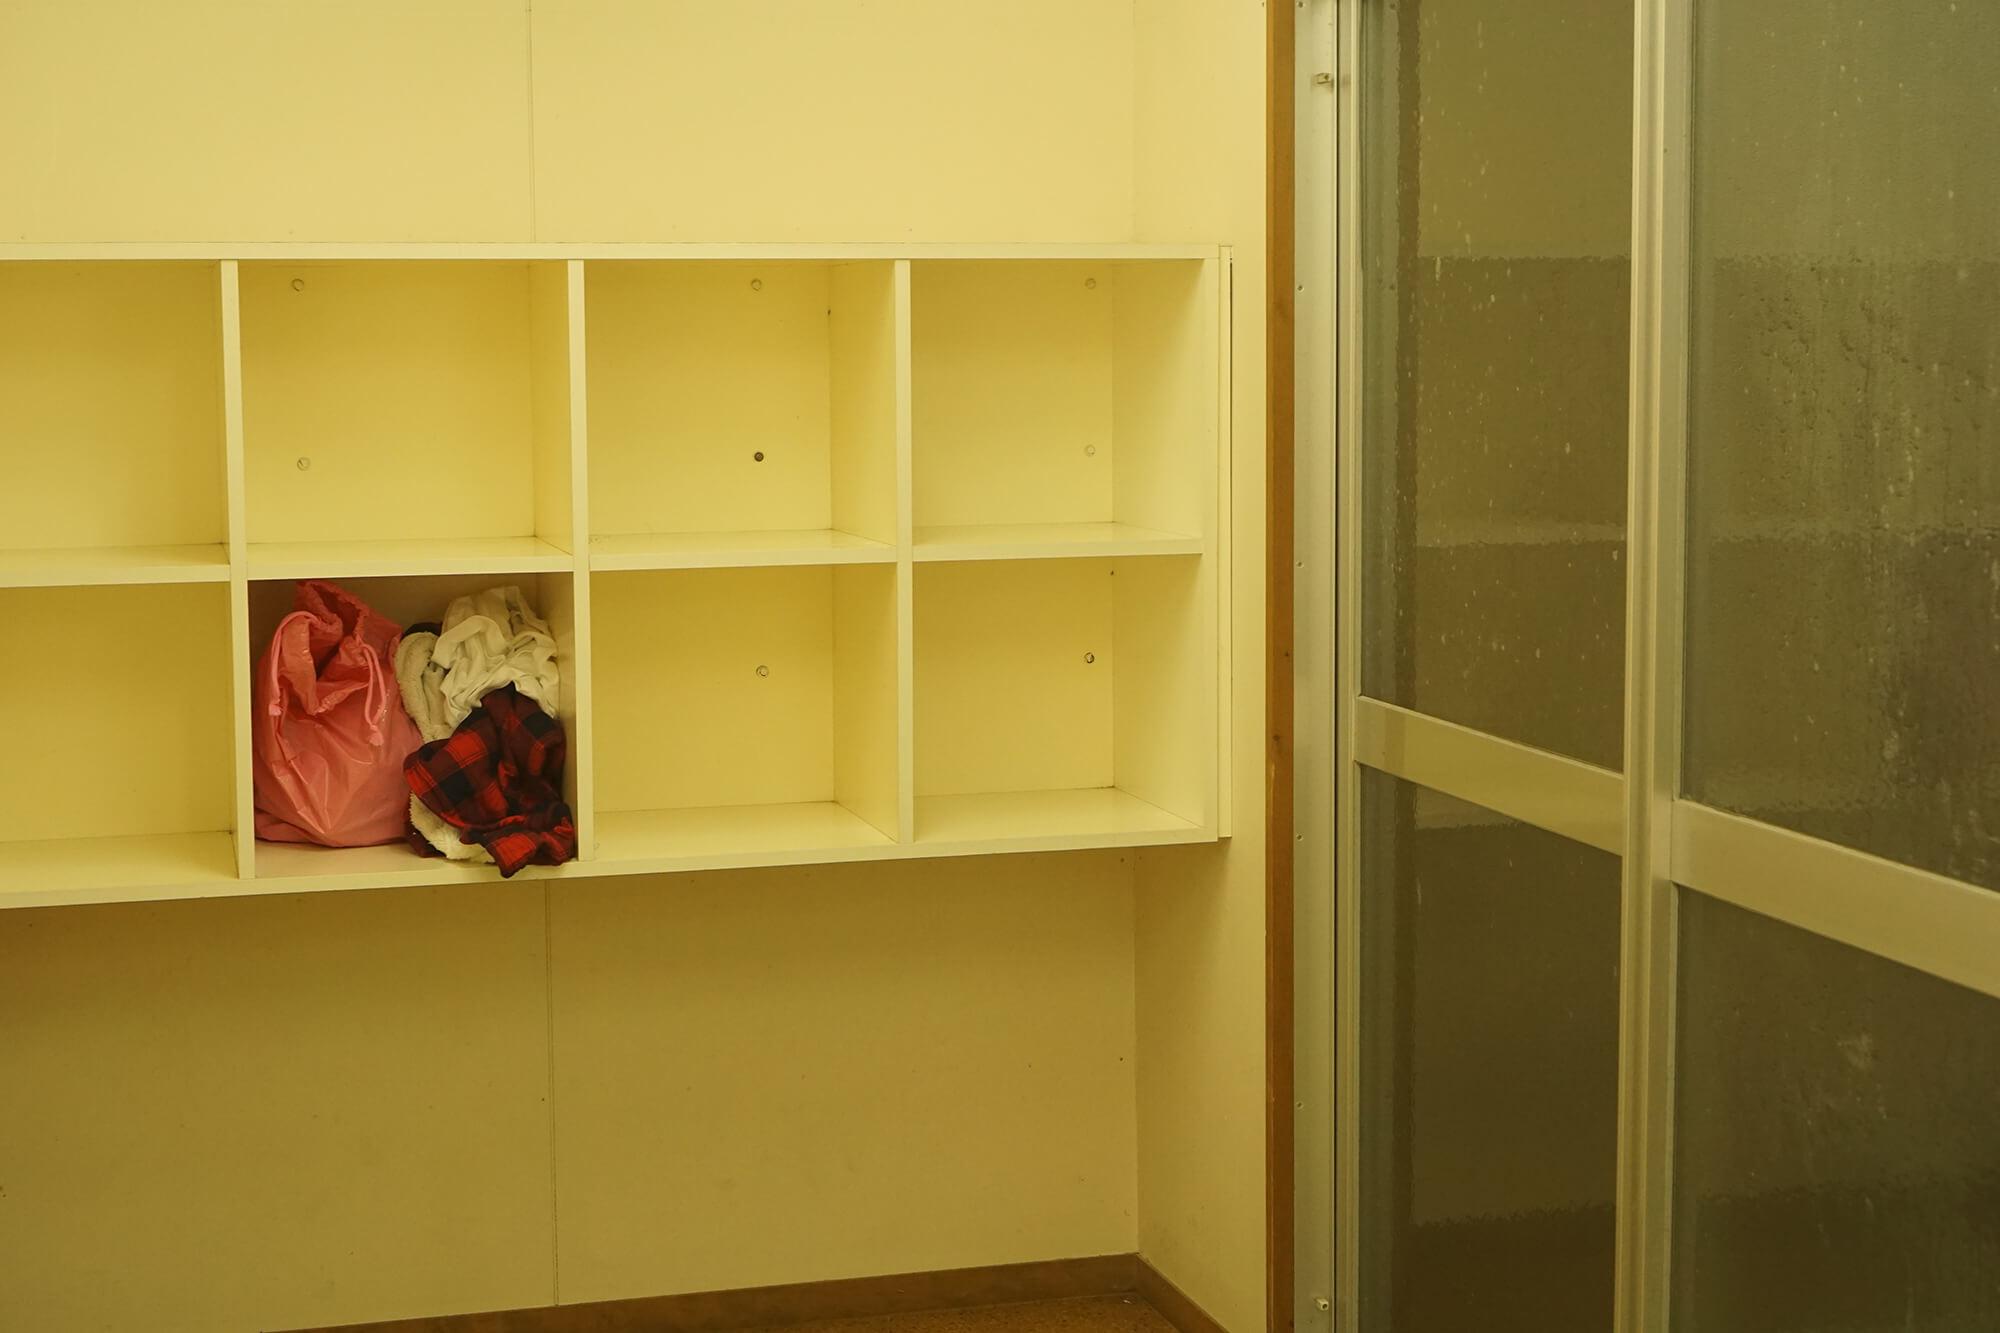 山崎アウトドアランドのシャワー室の写真